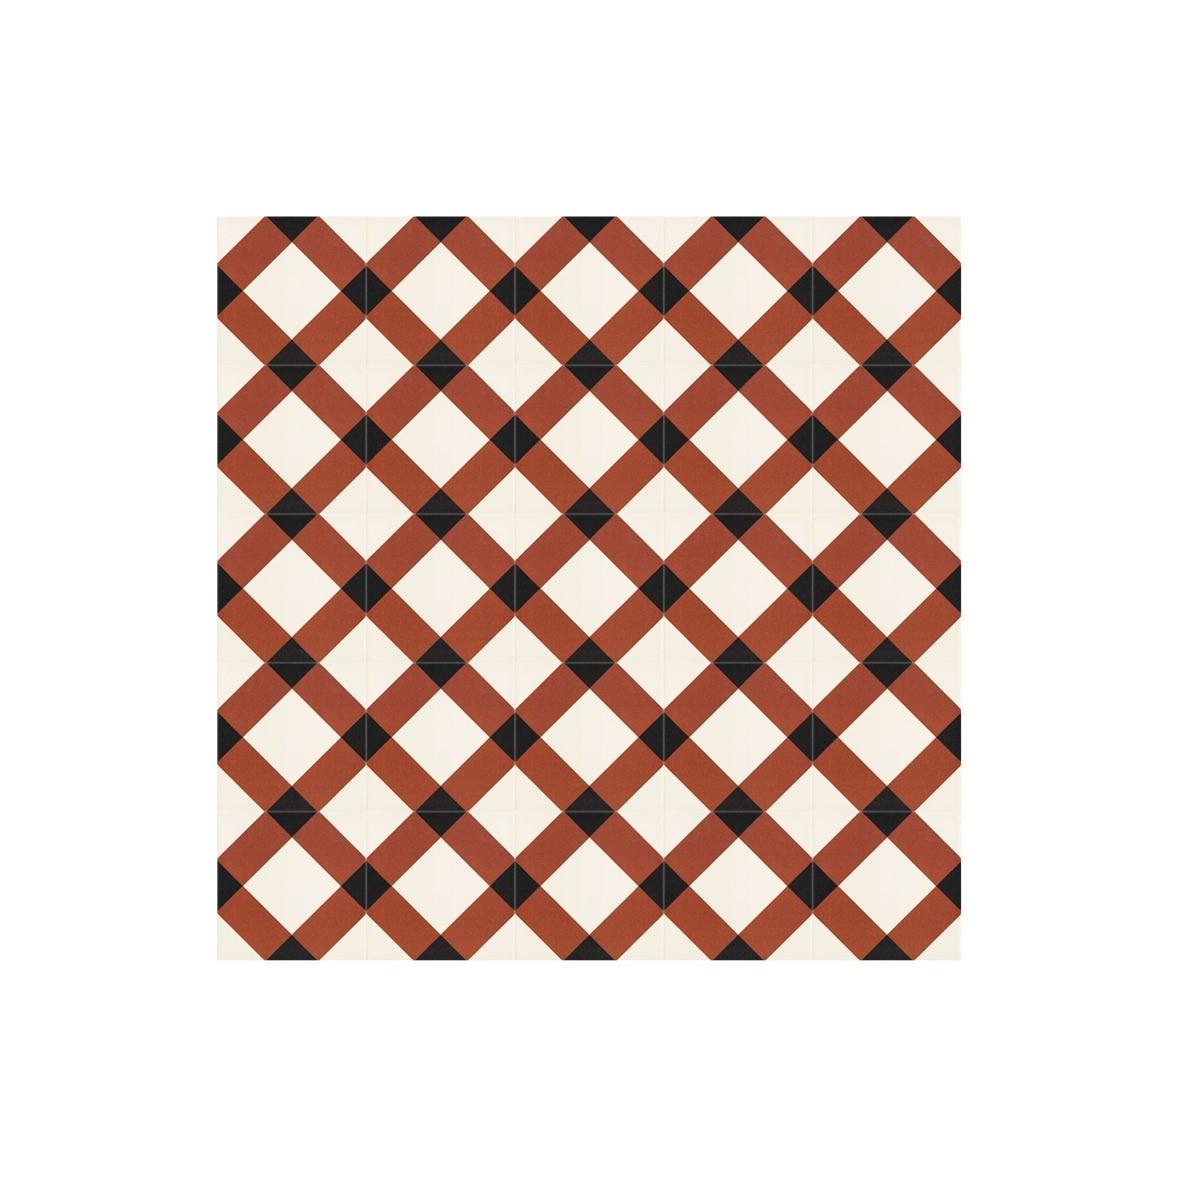 Loira Rojo 20x20 (caja 1 m2) Mainzu